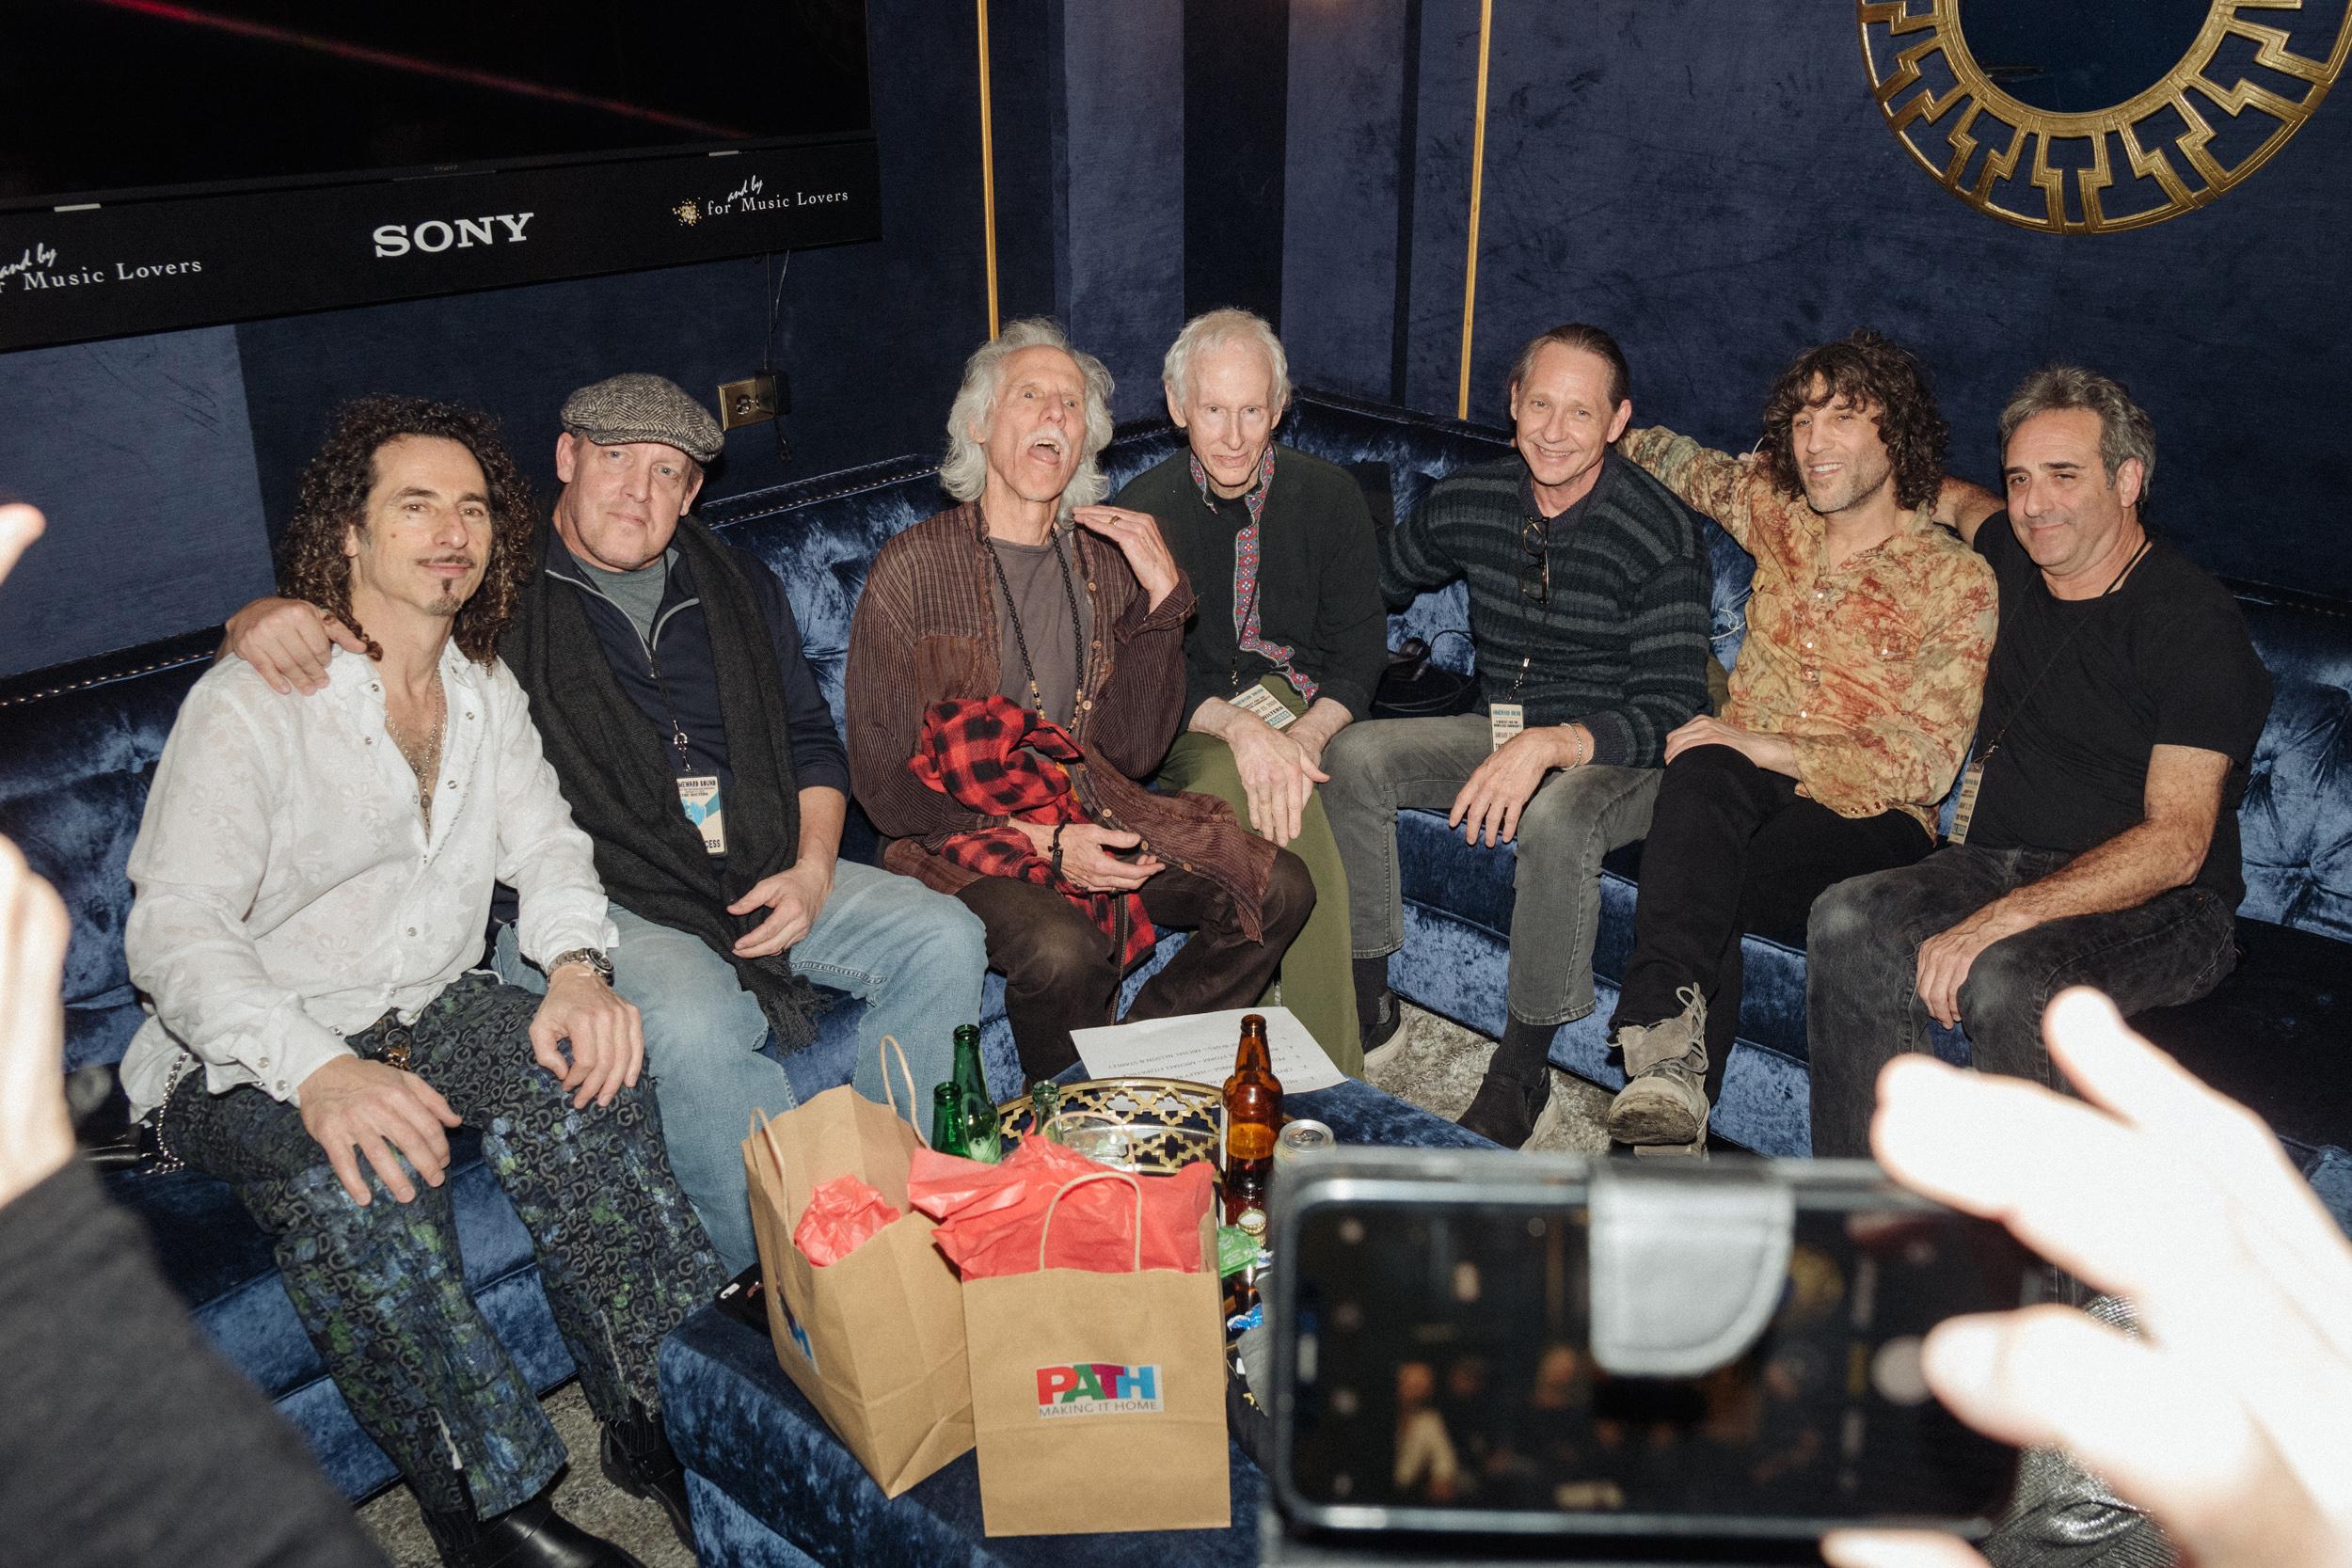 Densmore and Krieger backstage.